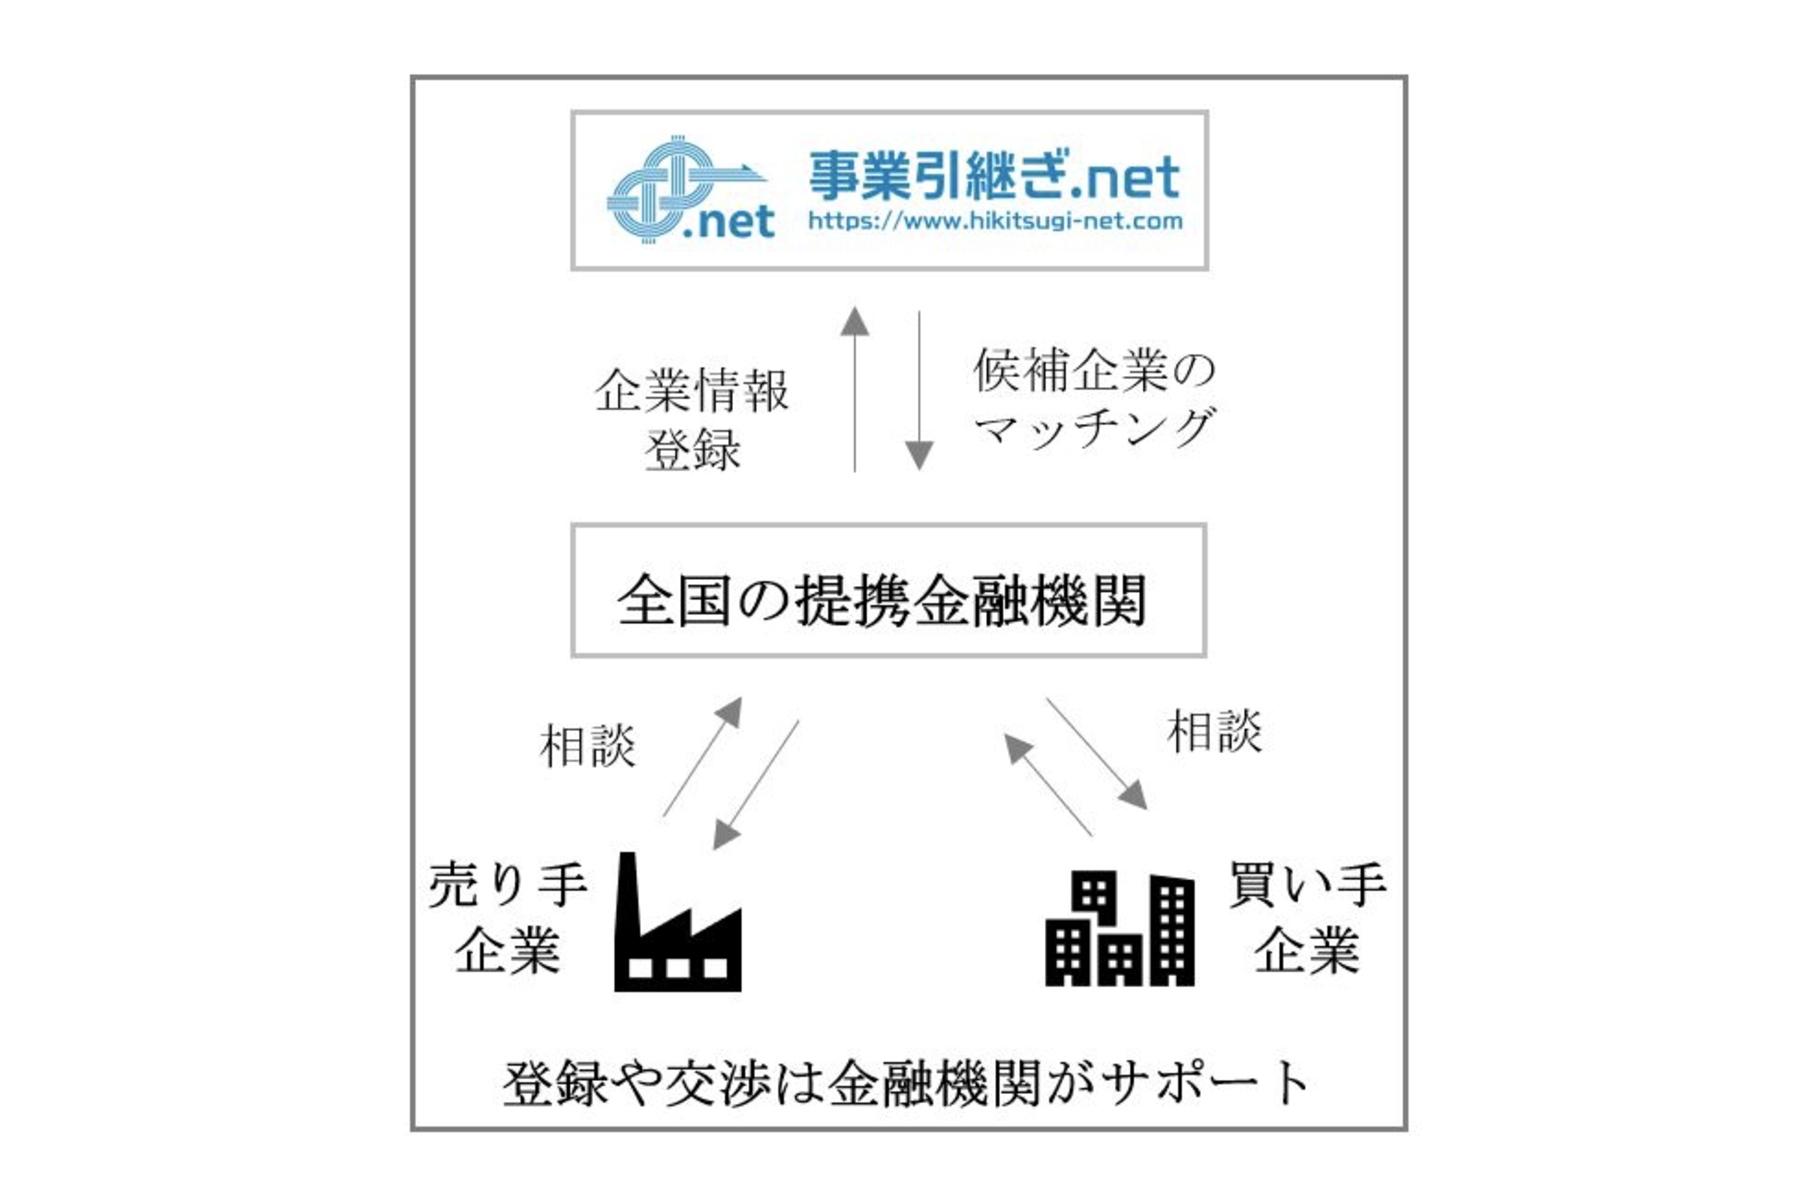 百十四銀行×インクグロウ | 事業承継支援で業務提携